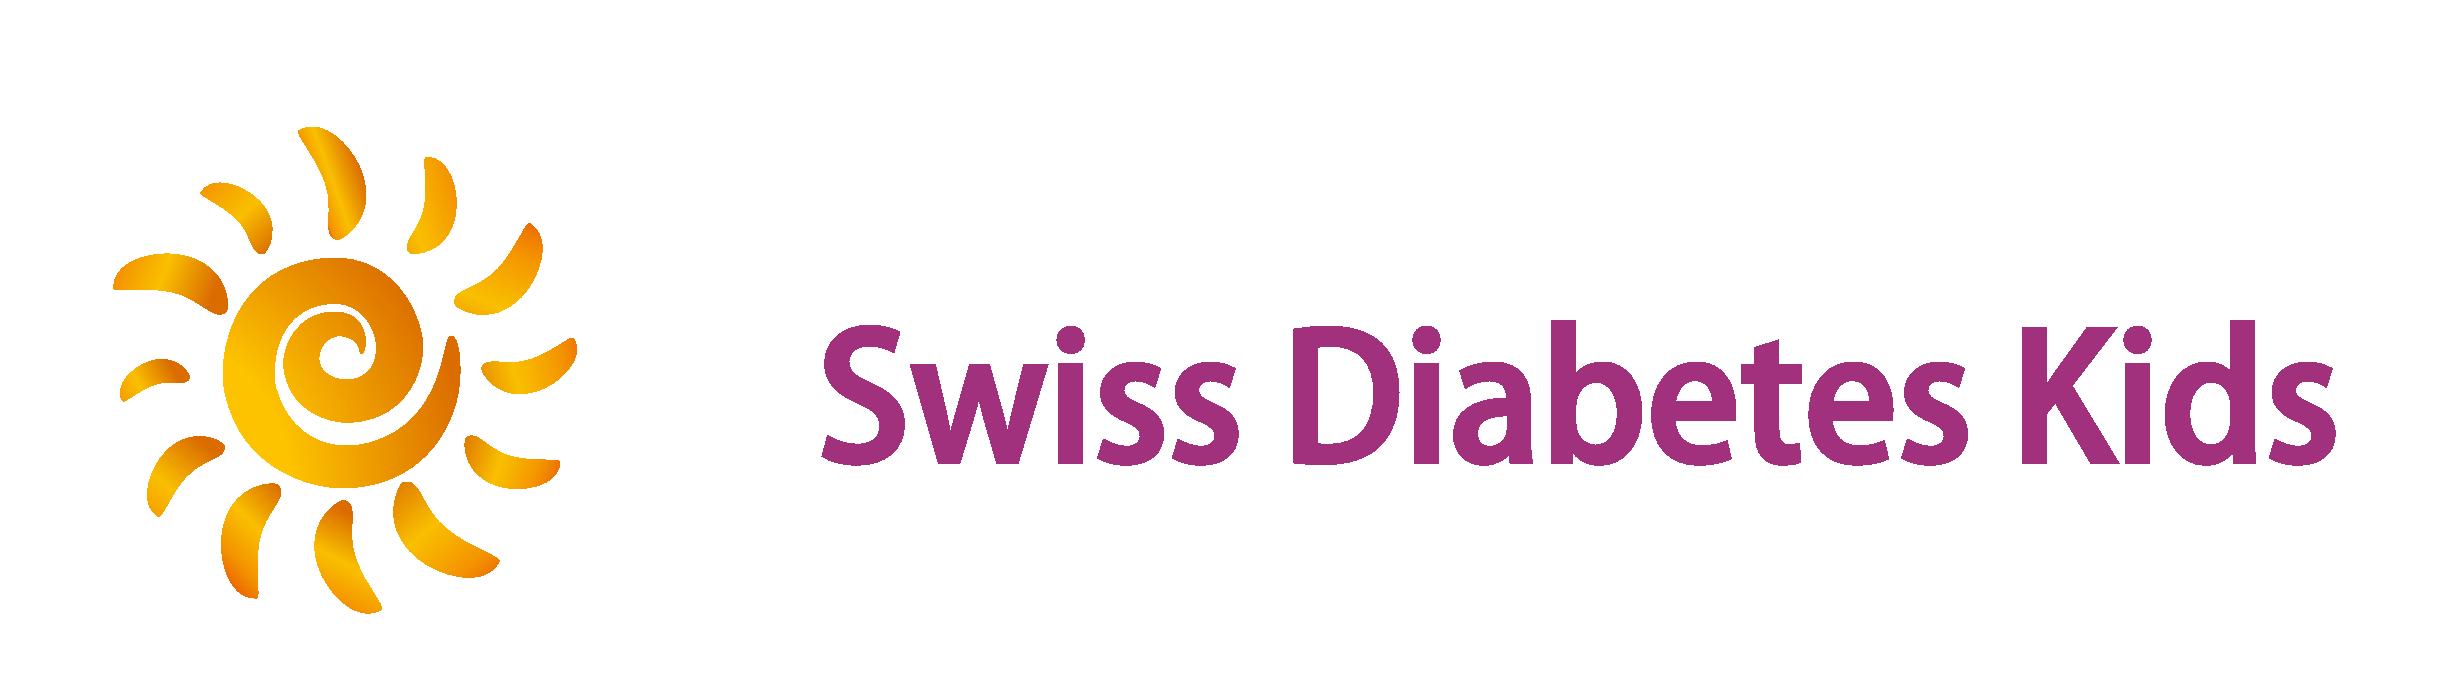 Swiss Diabetes Kids